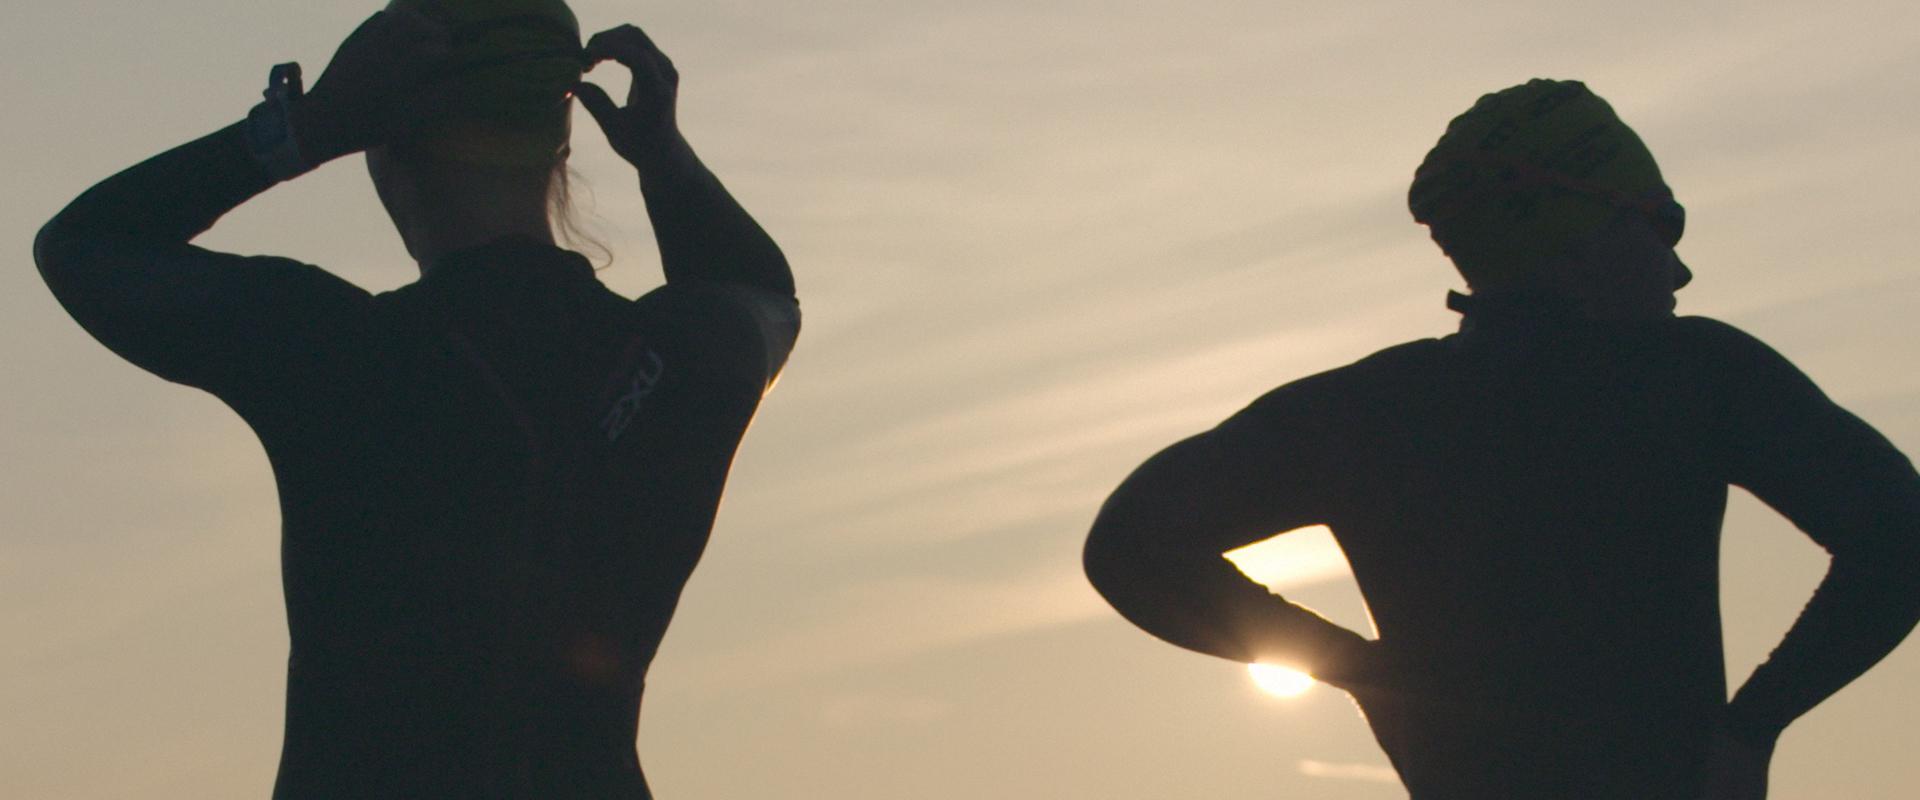 Schroders_Triathlon_AboutPage_01.jpg